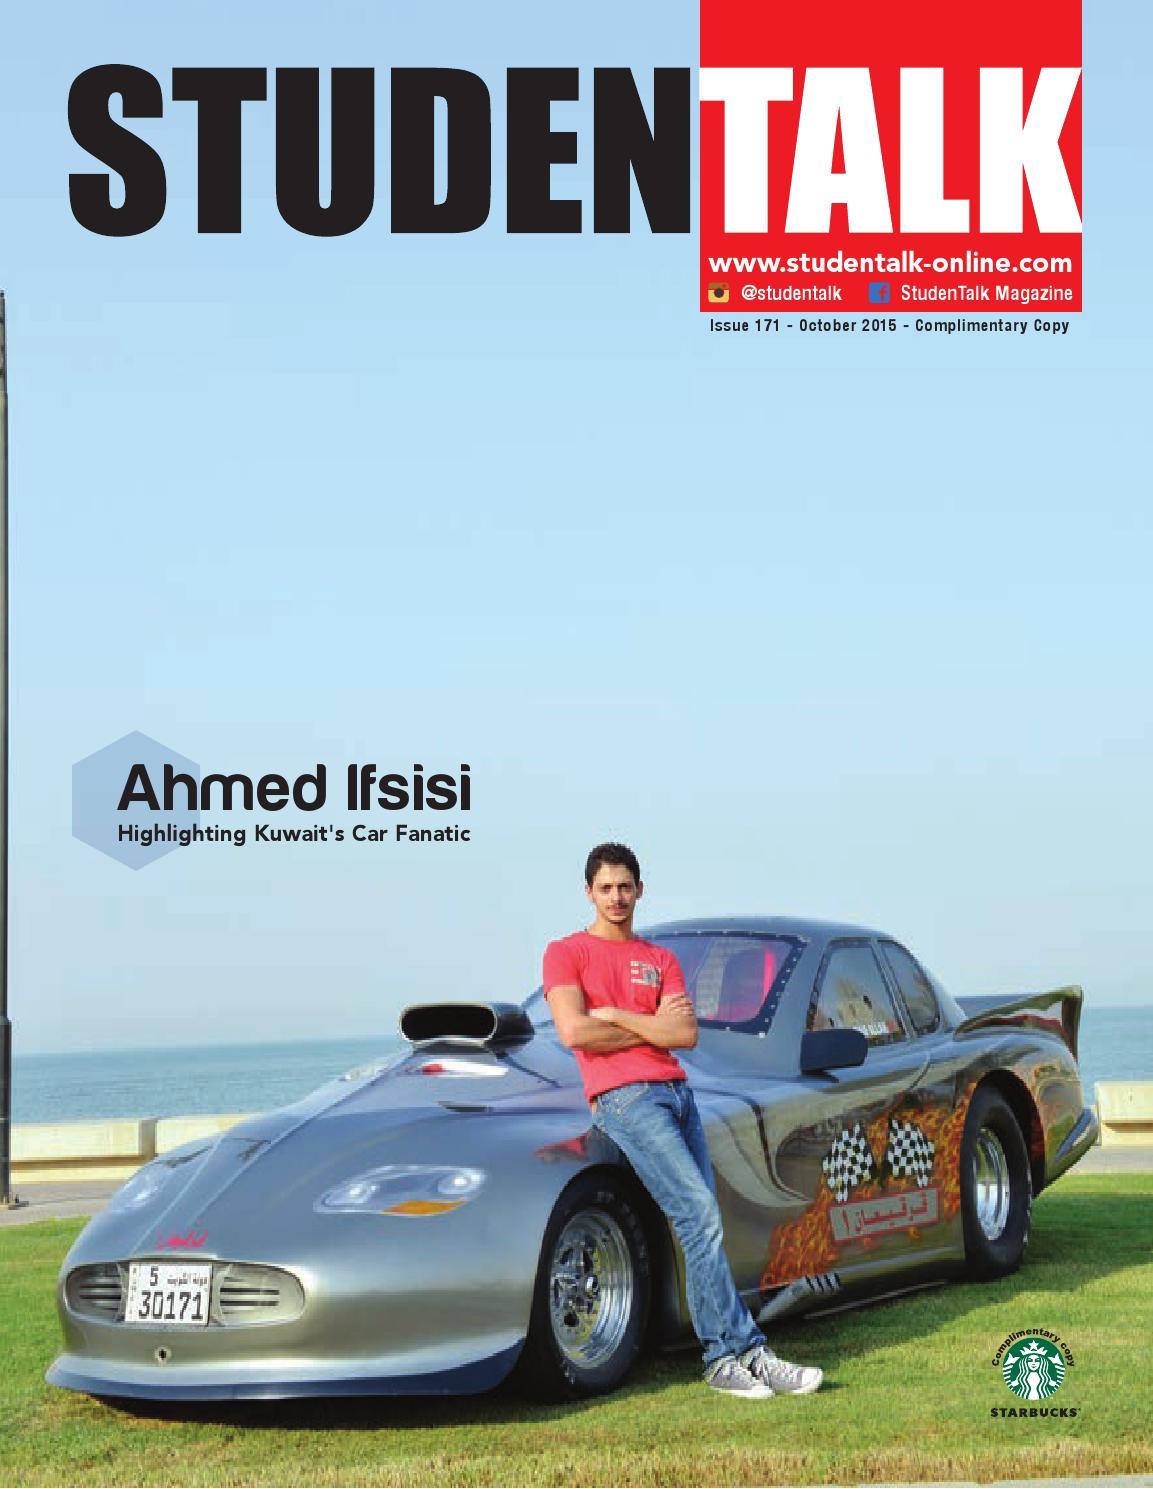 StudenTalk #171 - October 2015 by StudentTalk - issuu